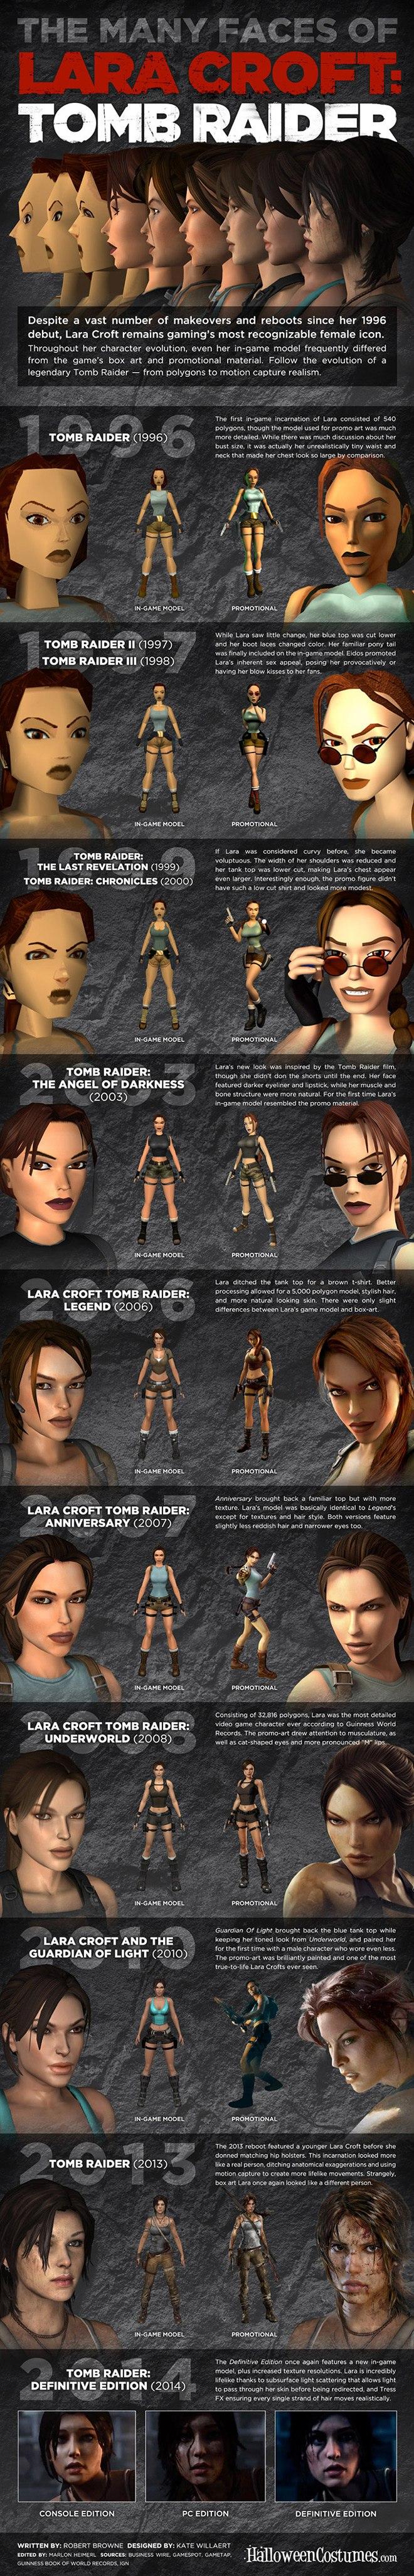 Tomb-Raider-rostros